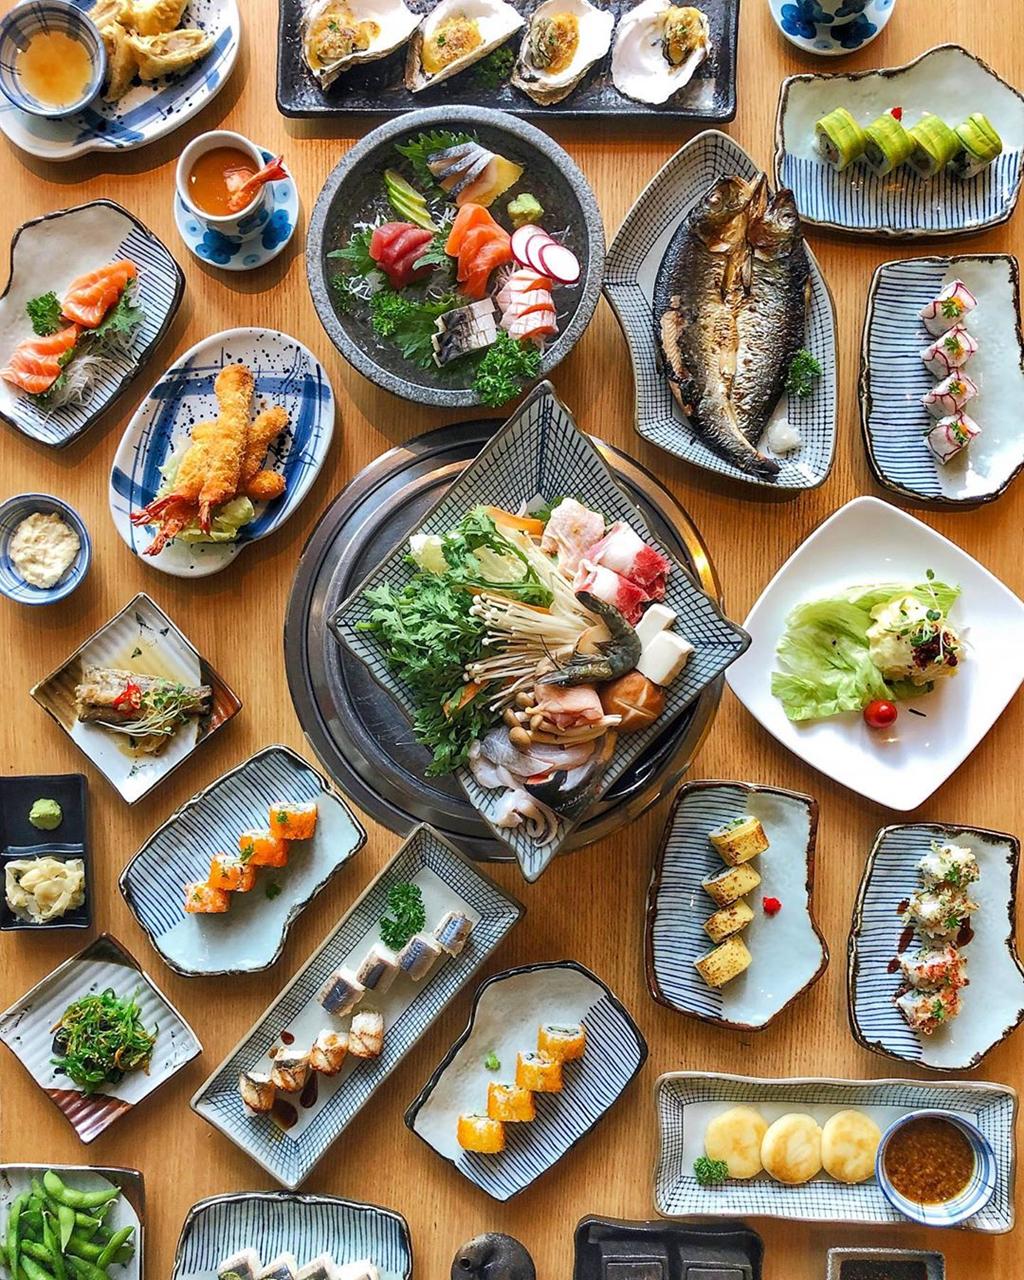 Khám phá ẩm thực Nhật Bản tại 4 nhà hàng nổi tiếng ở TP.HCM - Hình 3